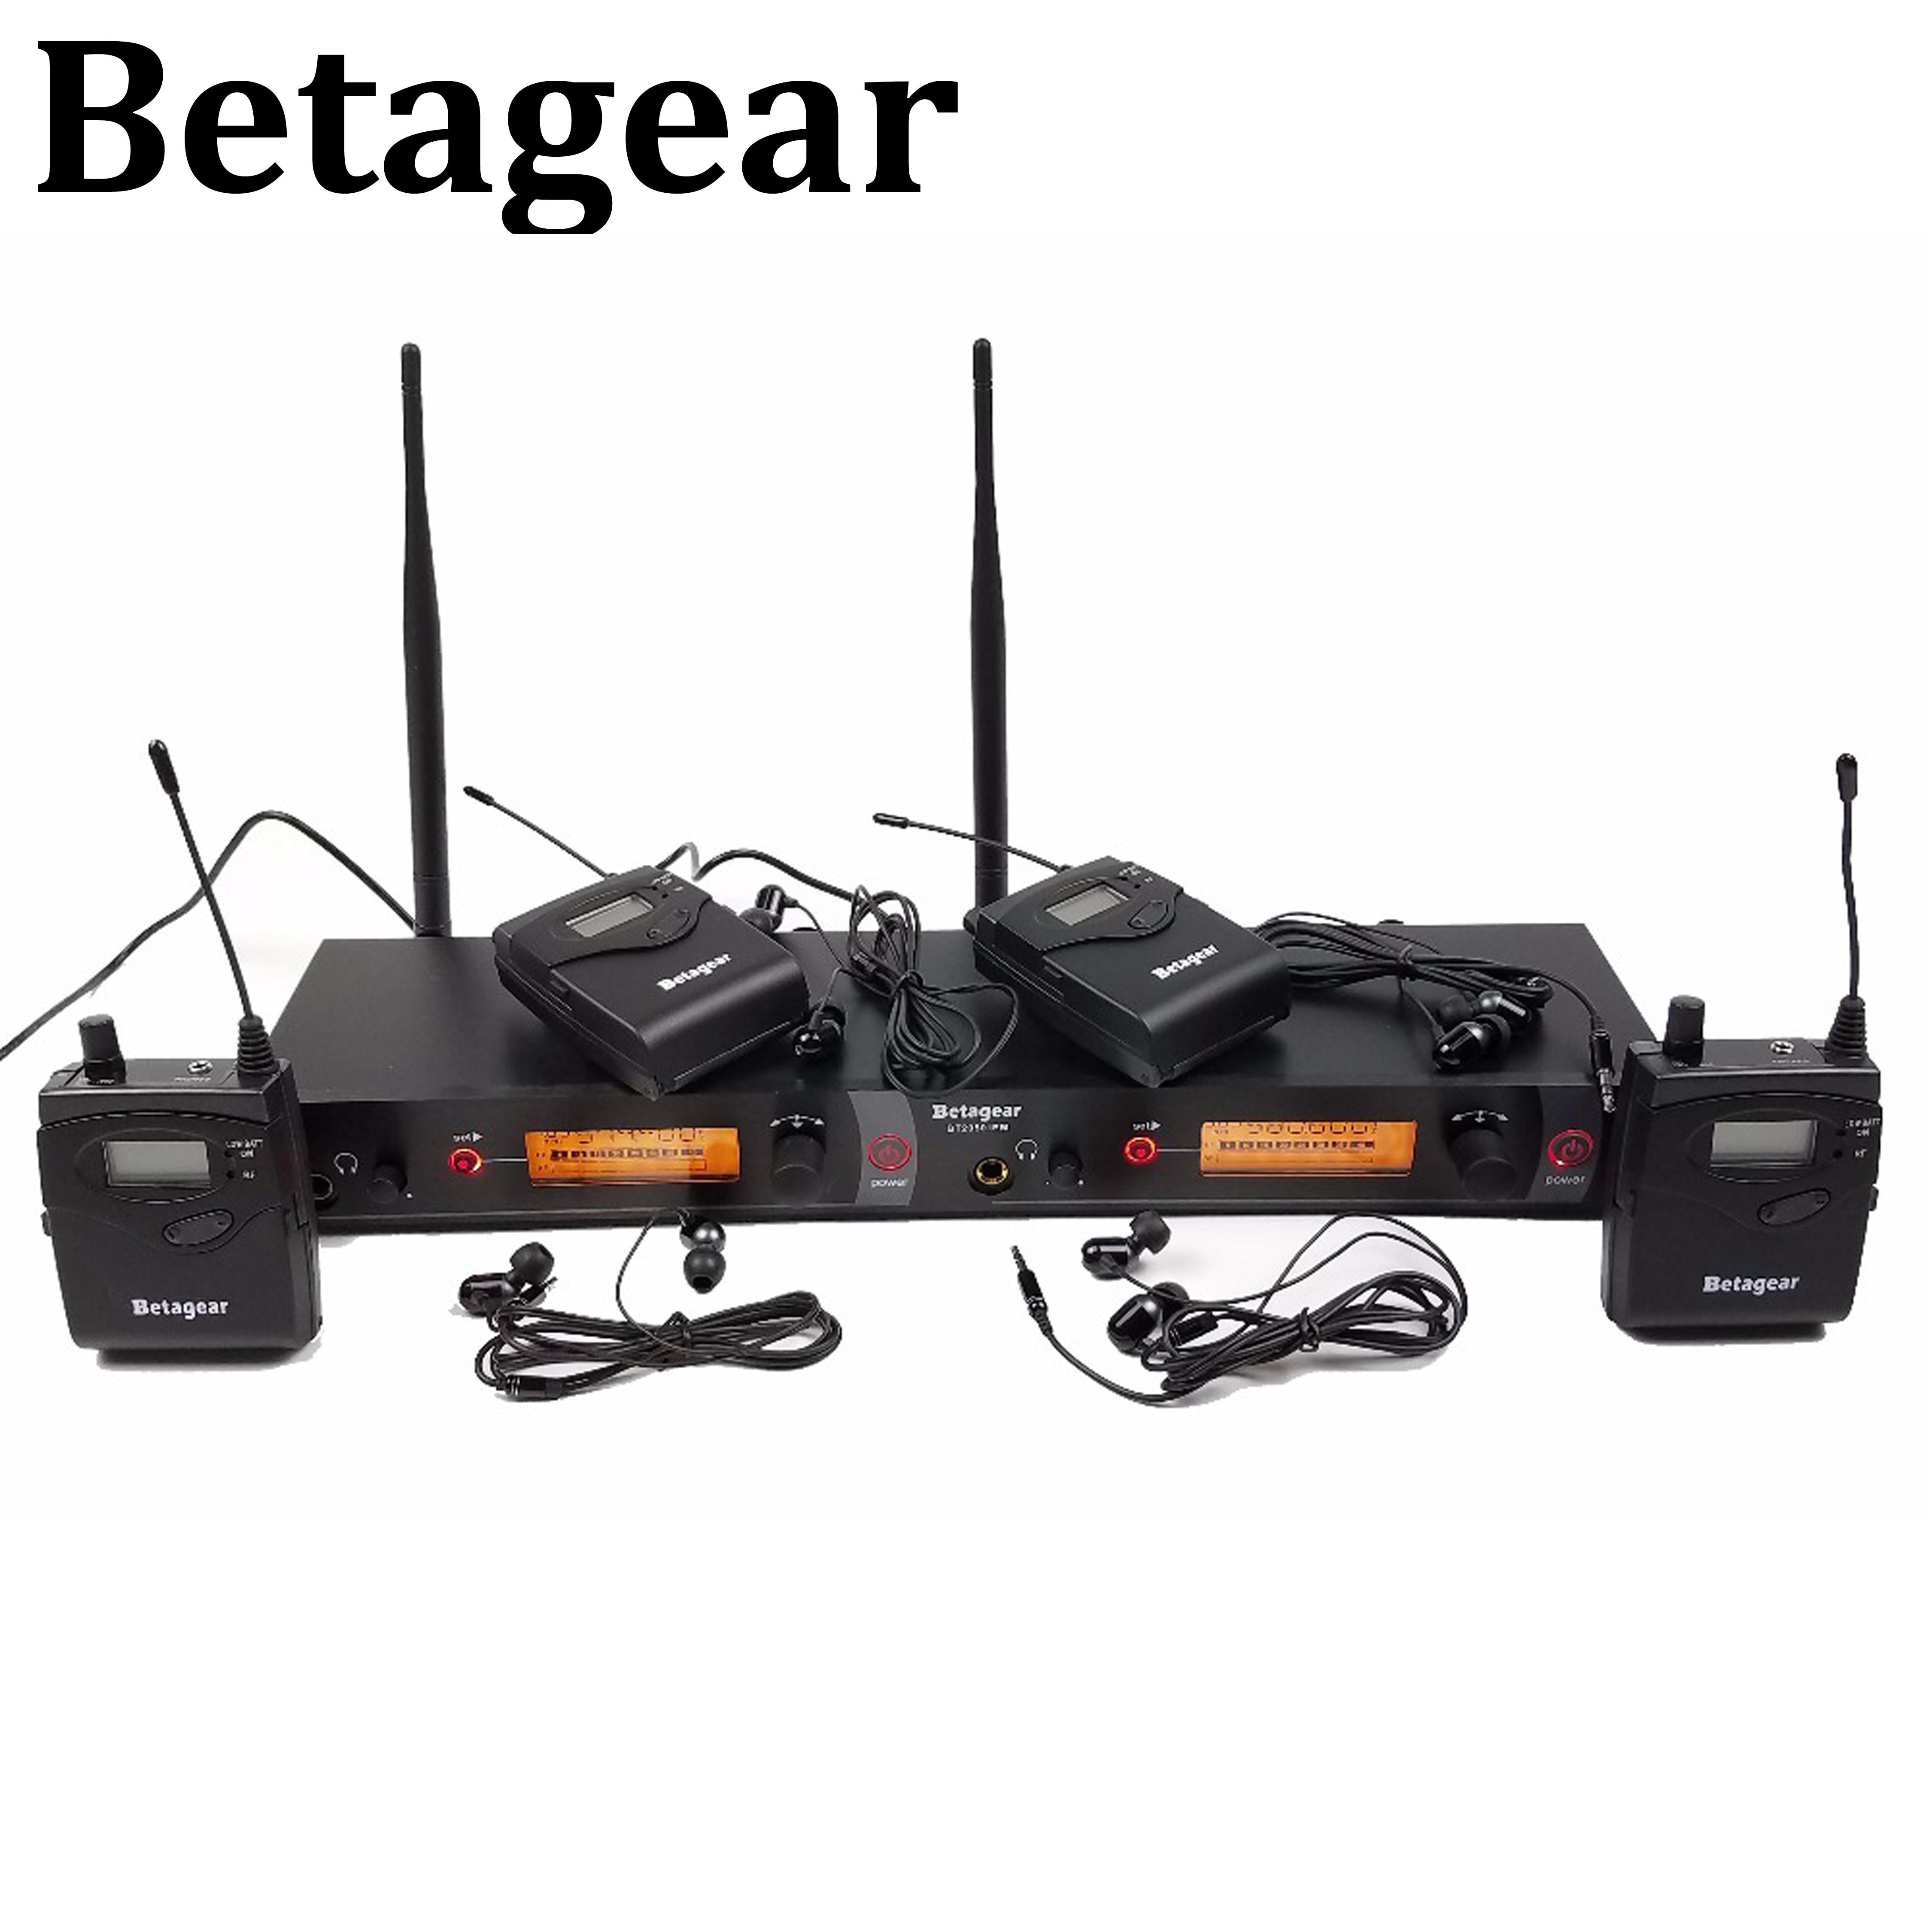 Betagear SR2050 IEM 4 Empfänger in ohr bühnen system monitor BT2050 kopfhörer bühne monitor iem überwachung system für preformance